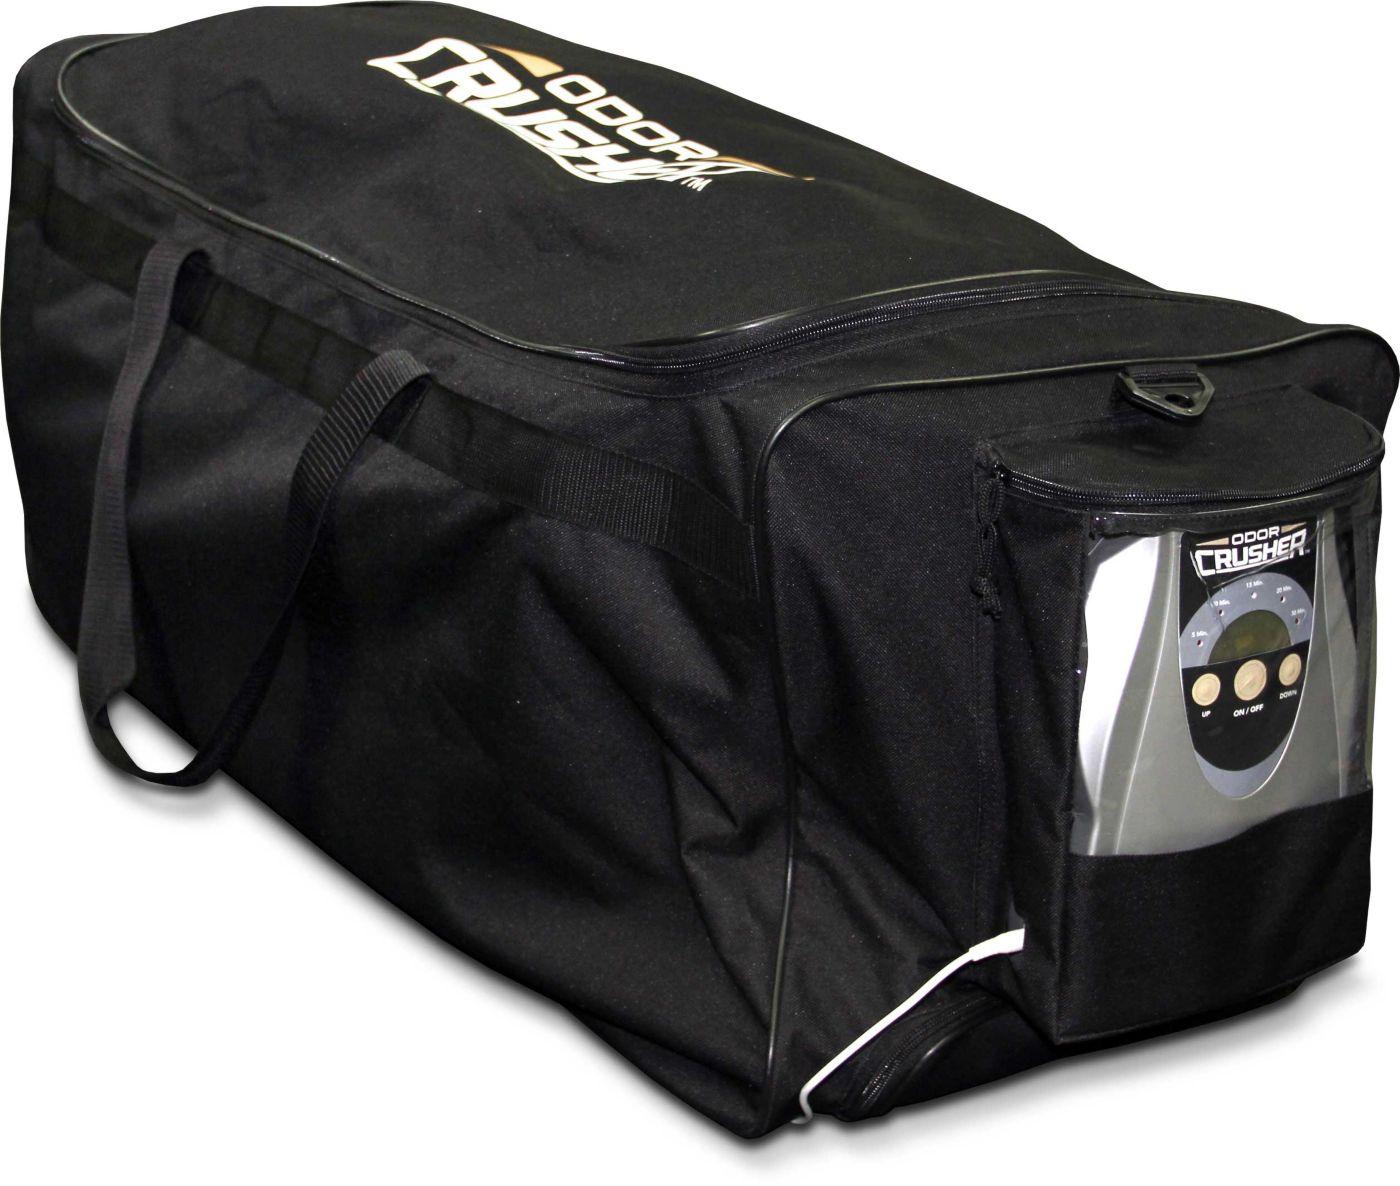 Odor Crusher Ozone Roller Bag